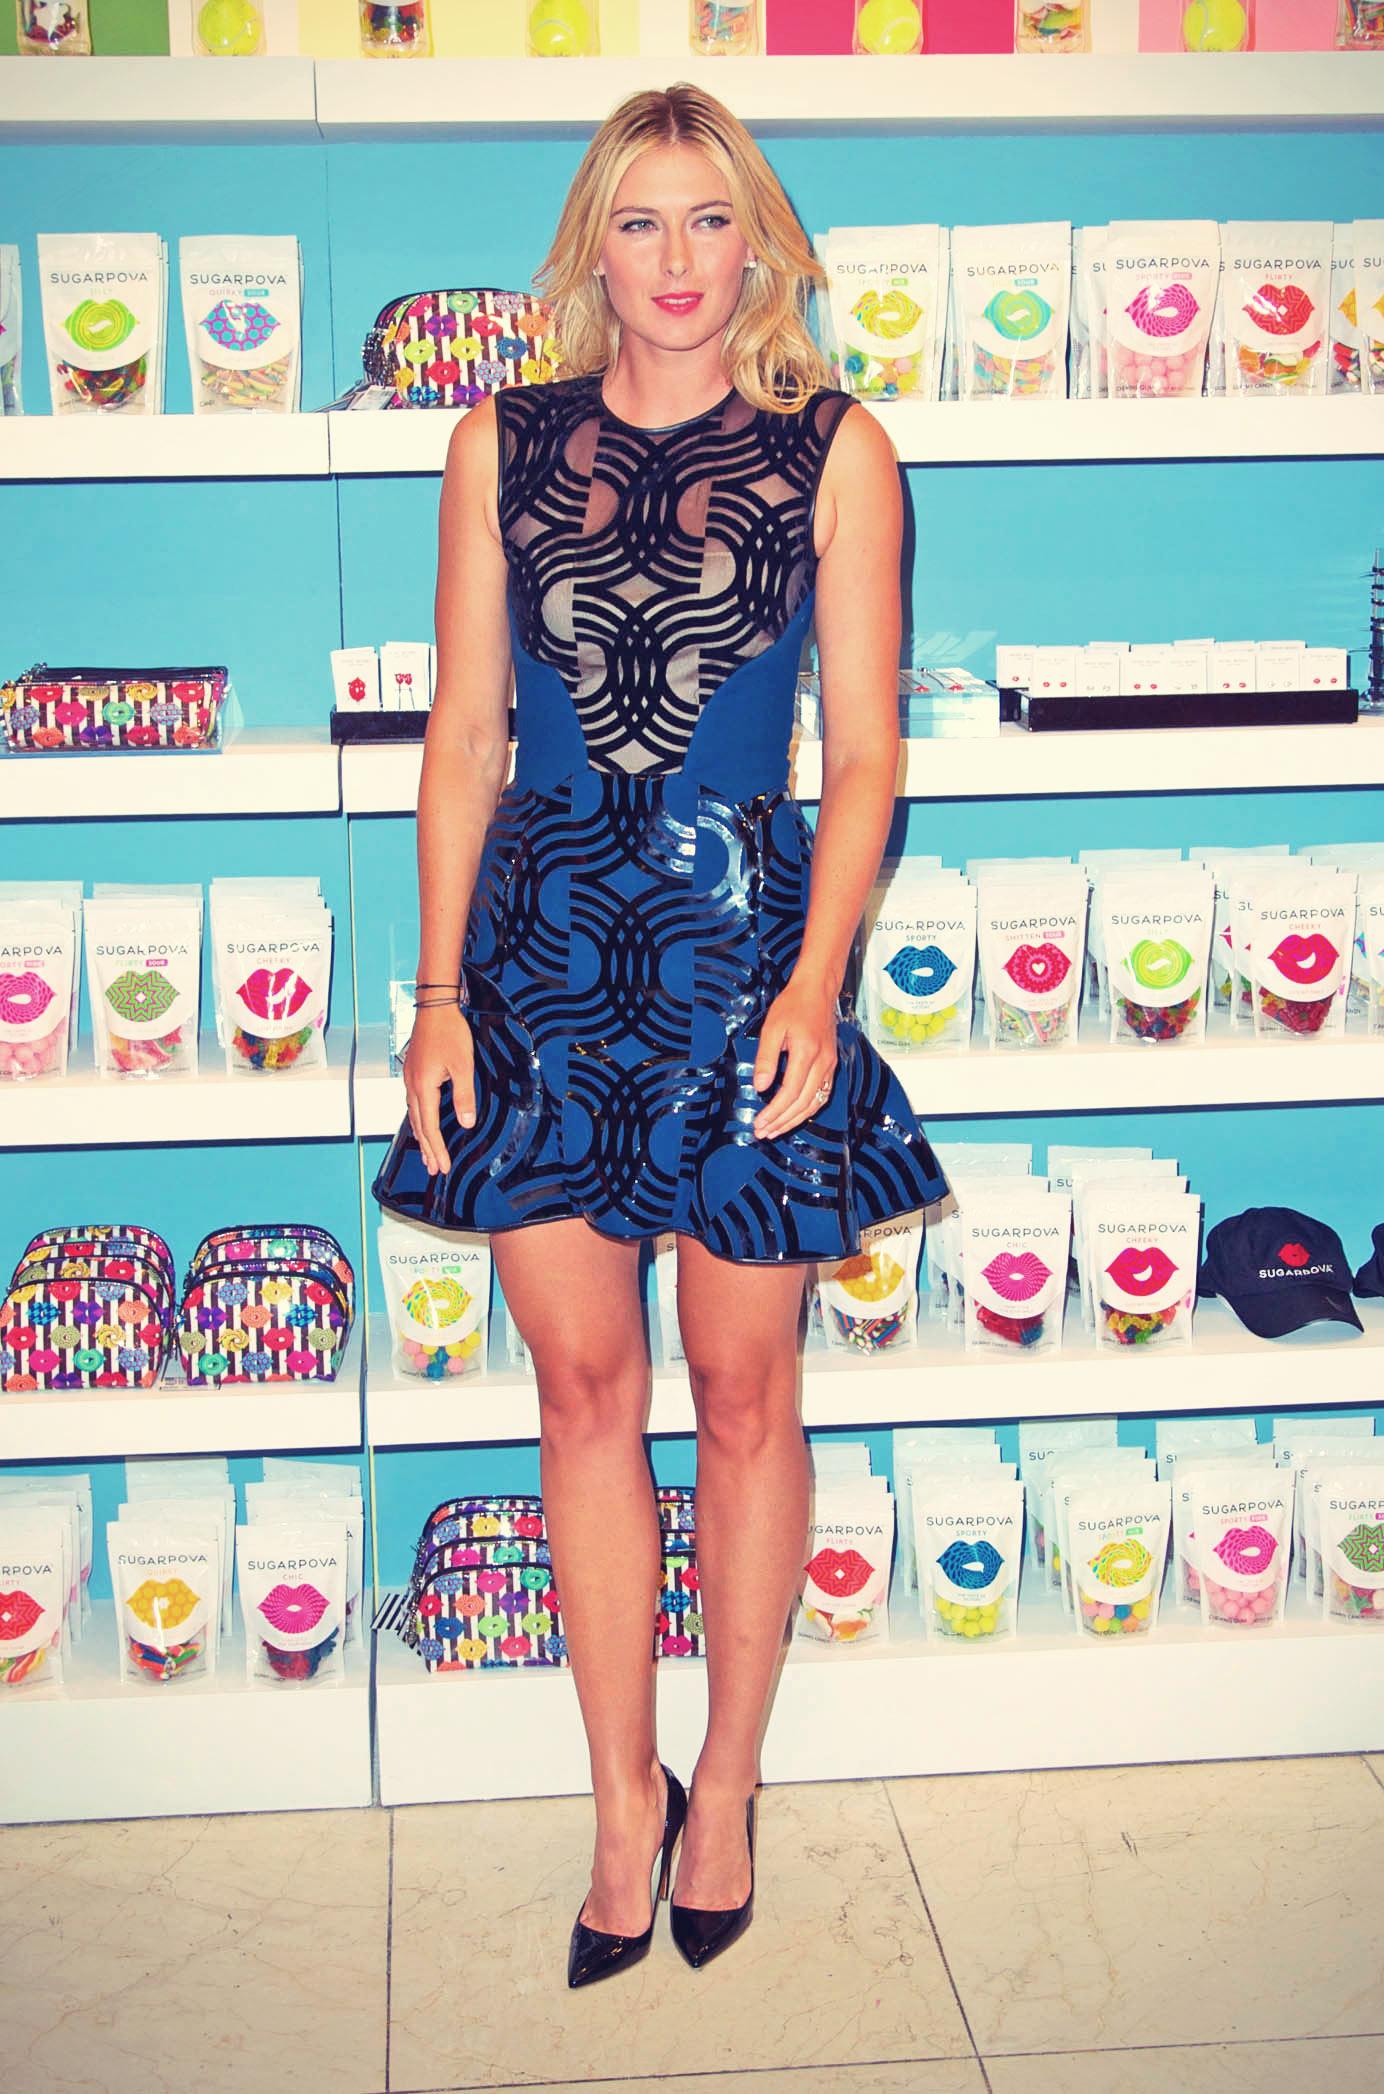 Maria Sharapova attends the Sugarpova Accessories Collection launch